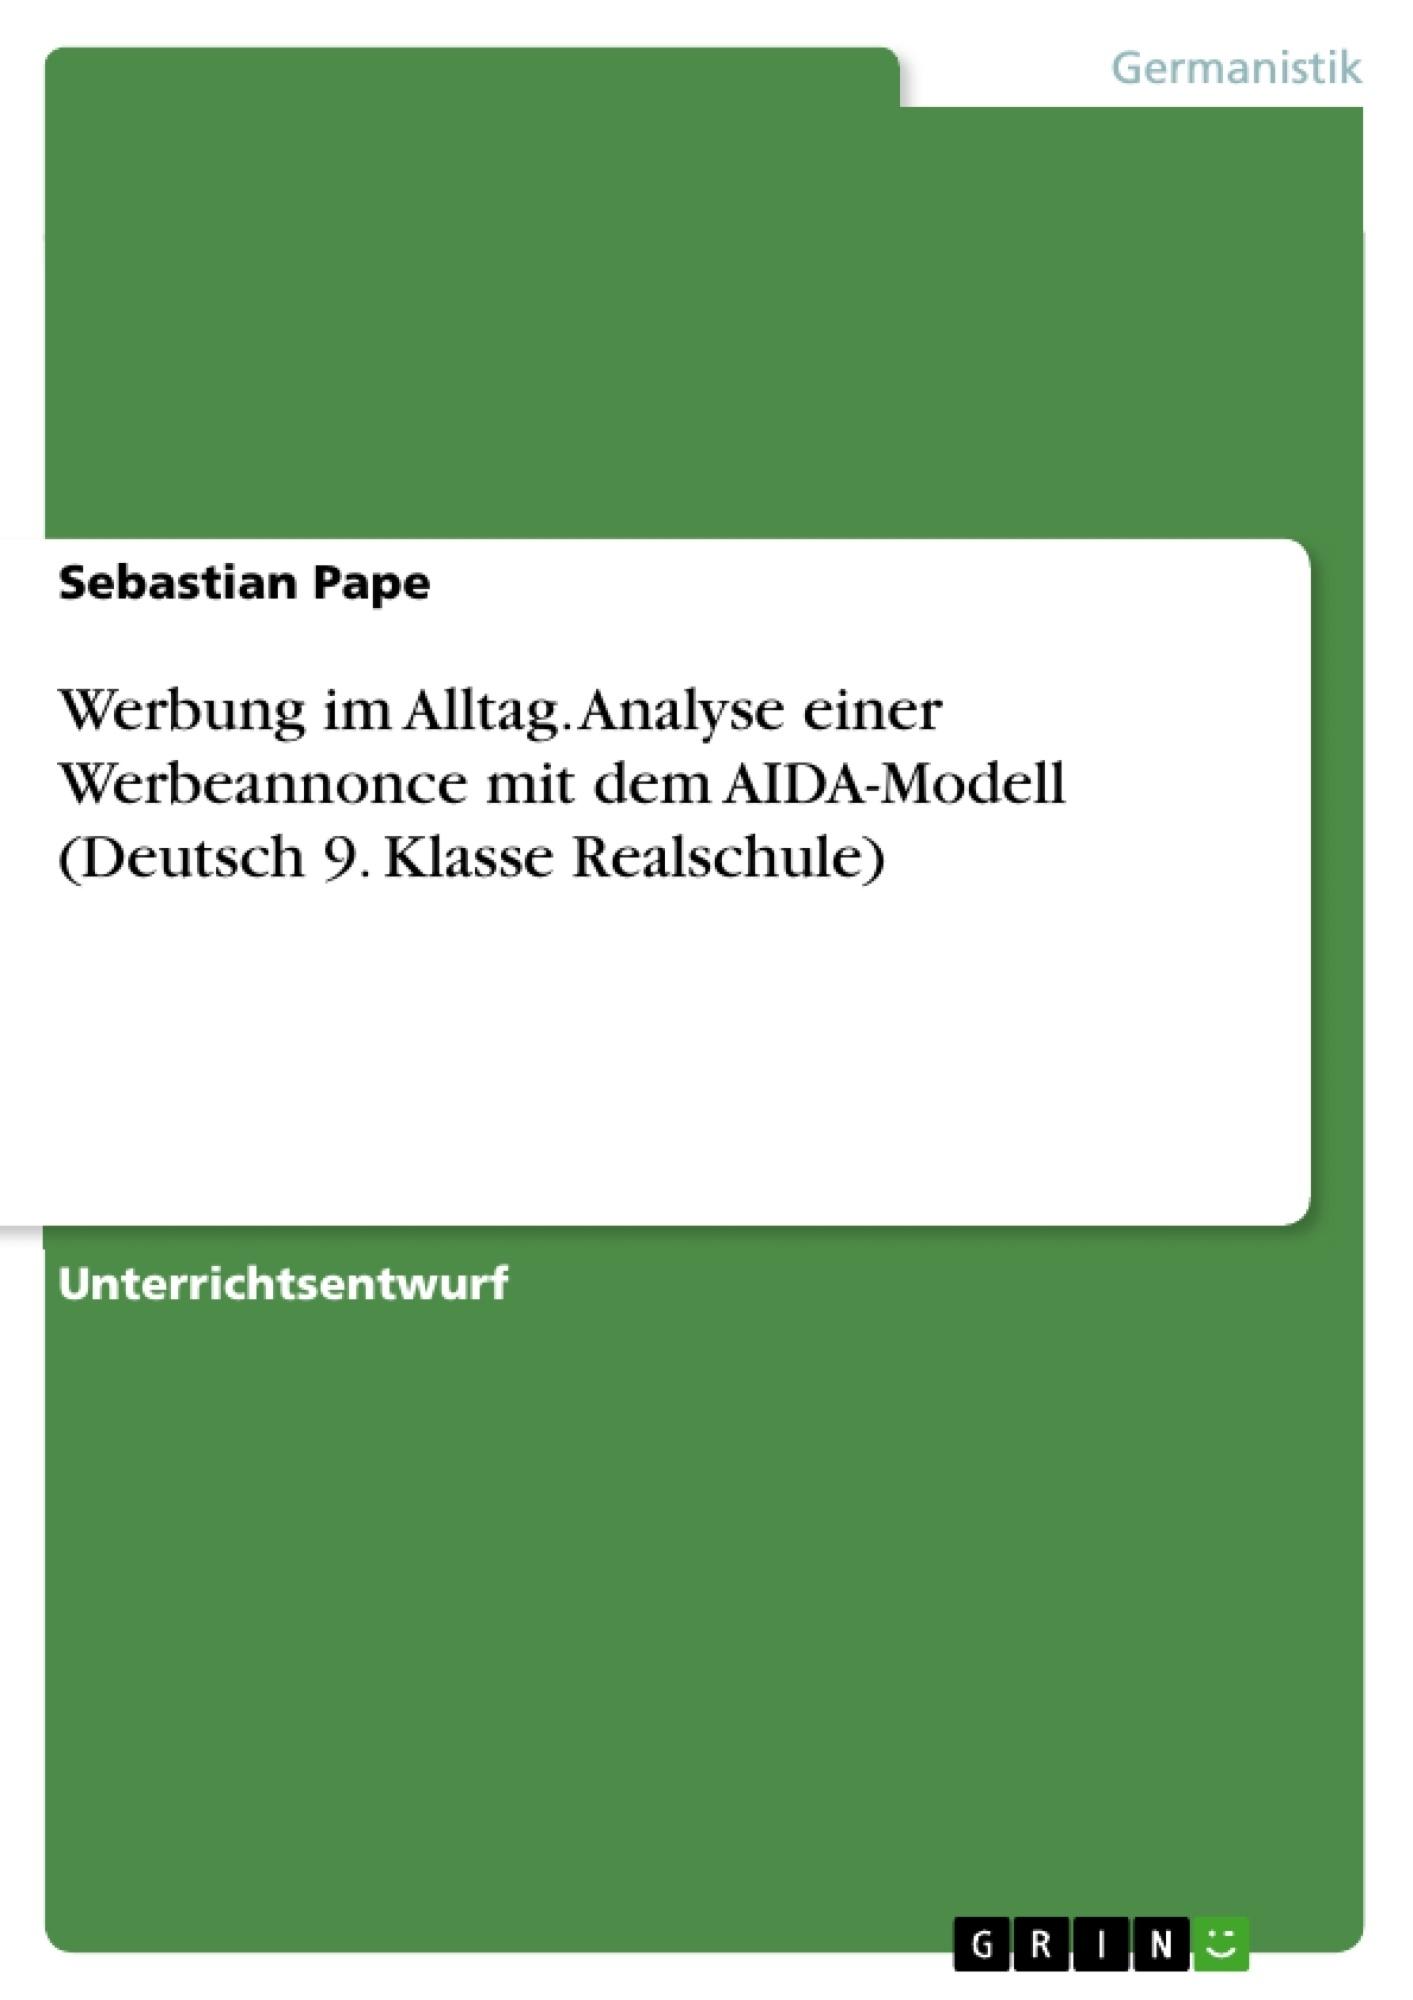 Titel: Werbung im Alltag. Analyse einer Werbeannonce mit dem AIDA-Modell (Deutsch 9. Klasse Realschule)